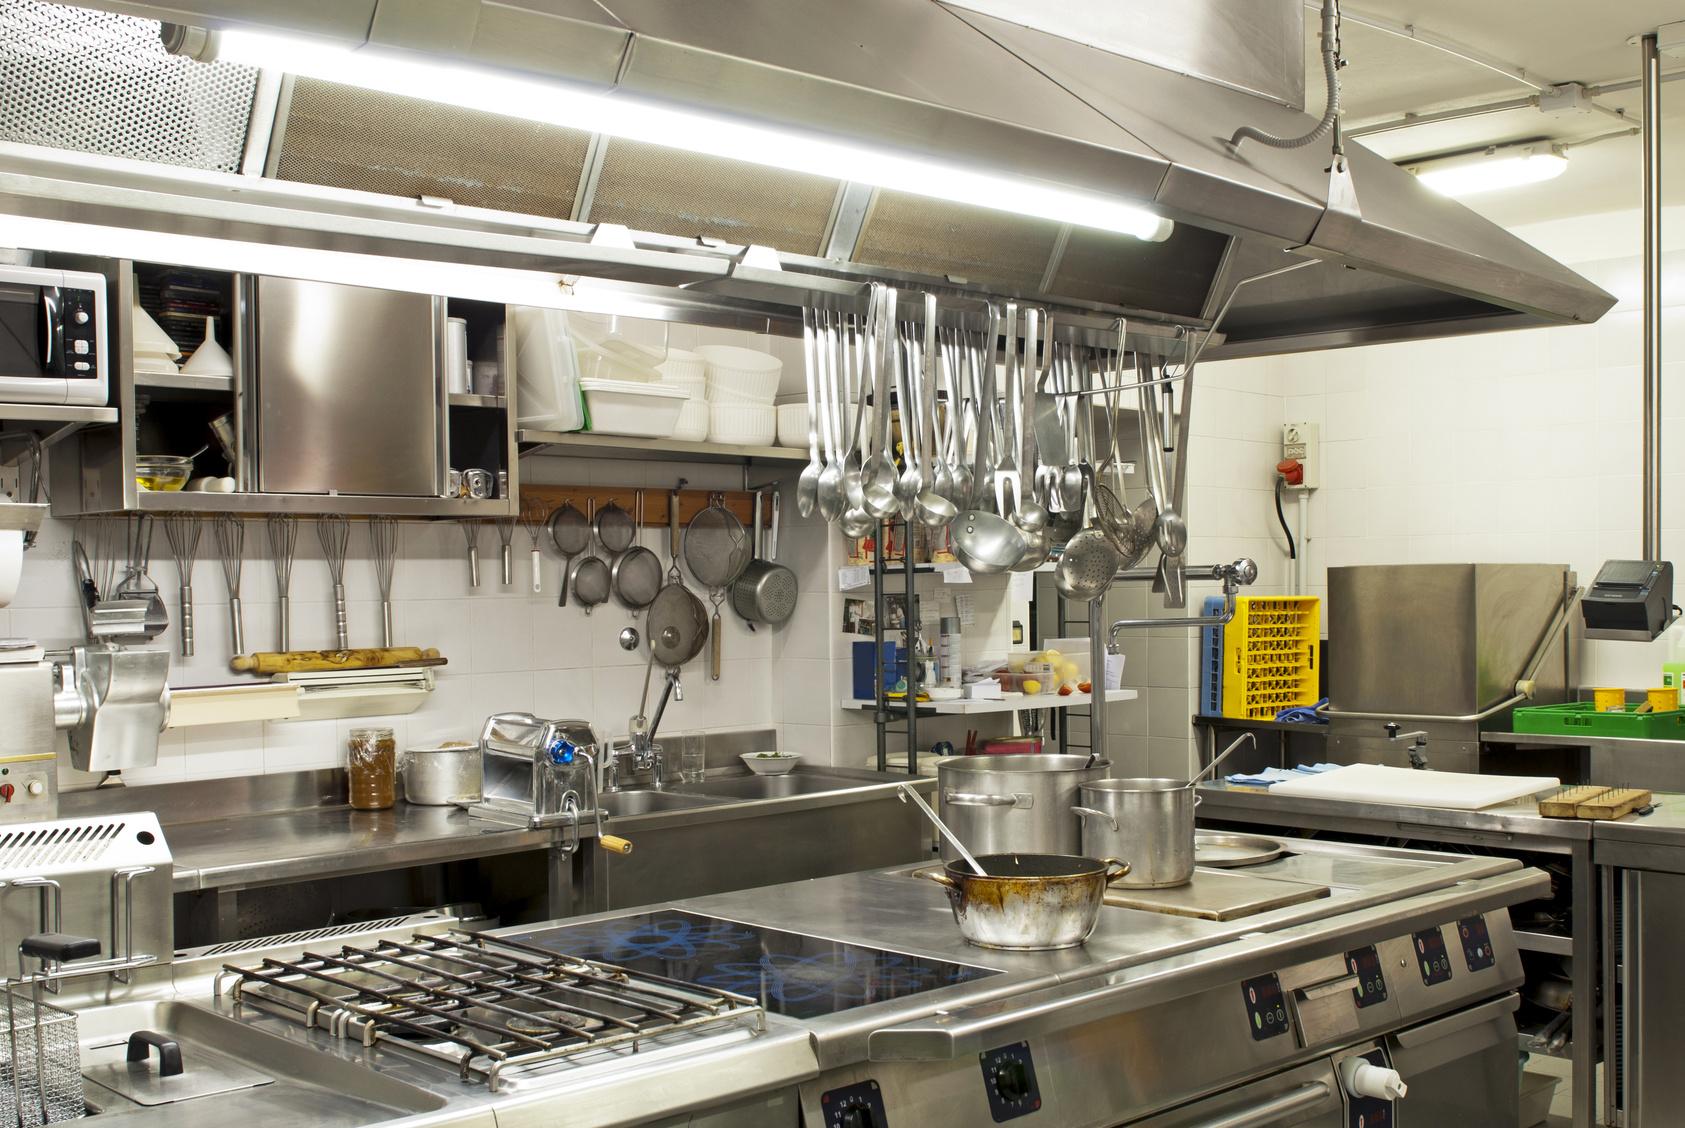 Come scegliere gli attrezzi per la cucina giusti e innovativi soluzioni di casa - Attrezzi per cucina ...